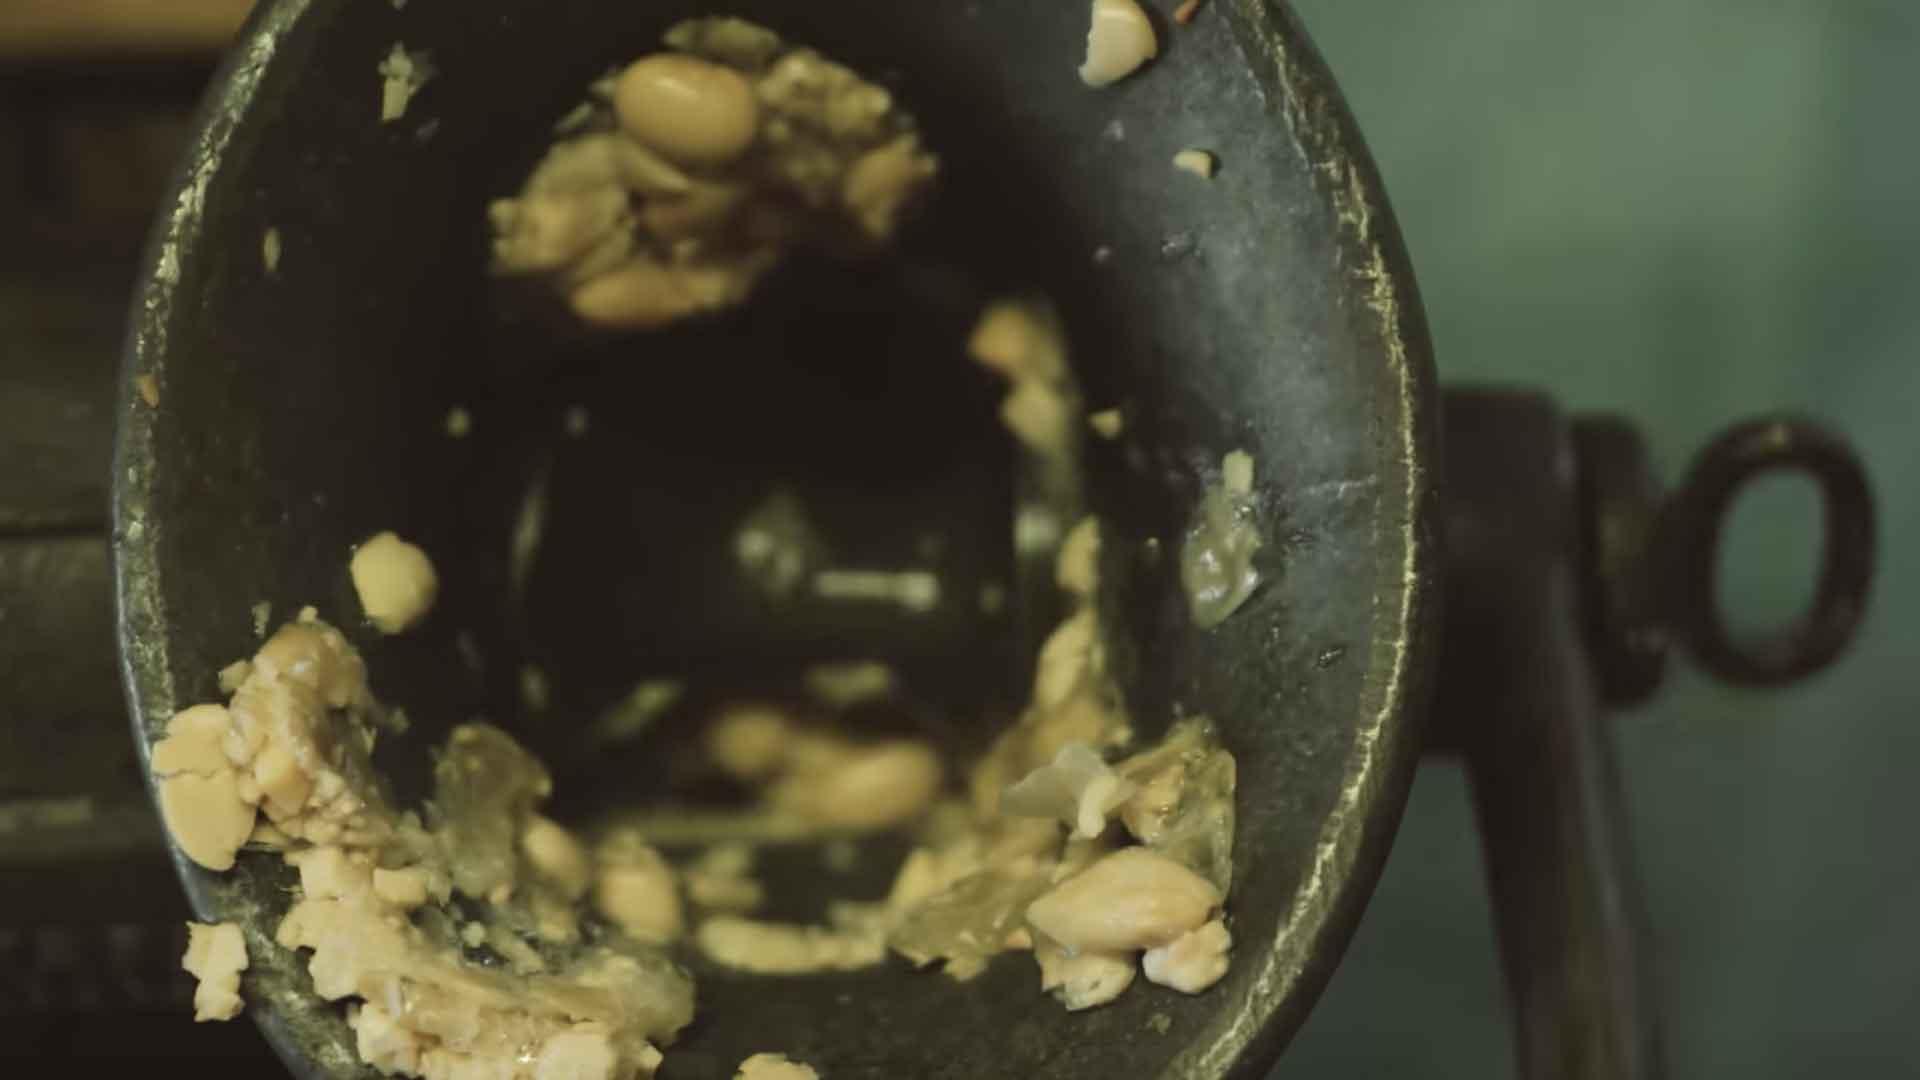 味噌作った時の映像